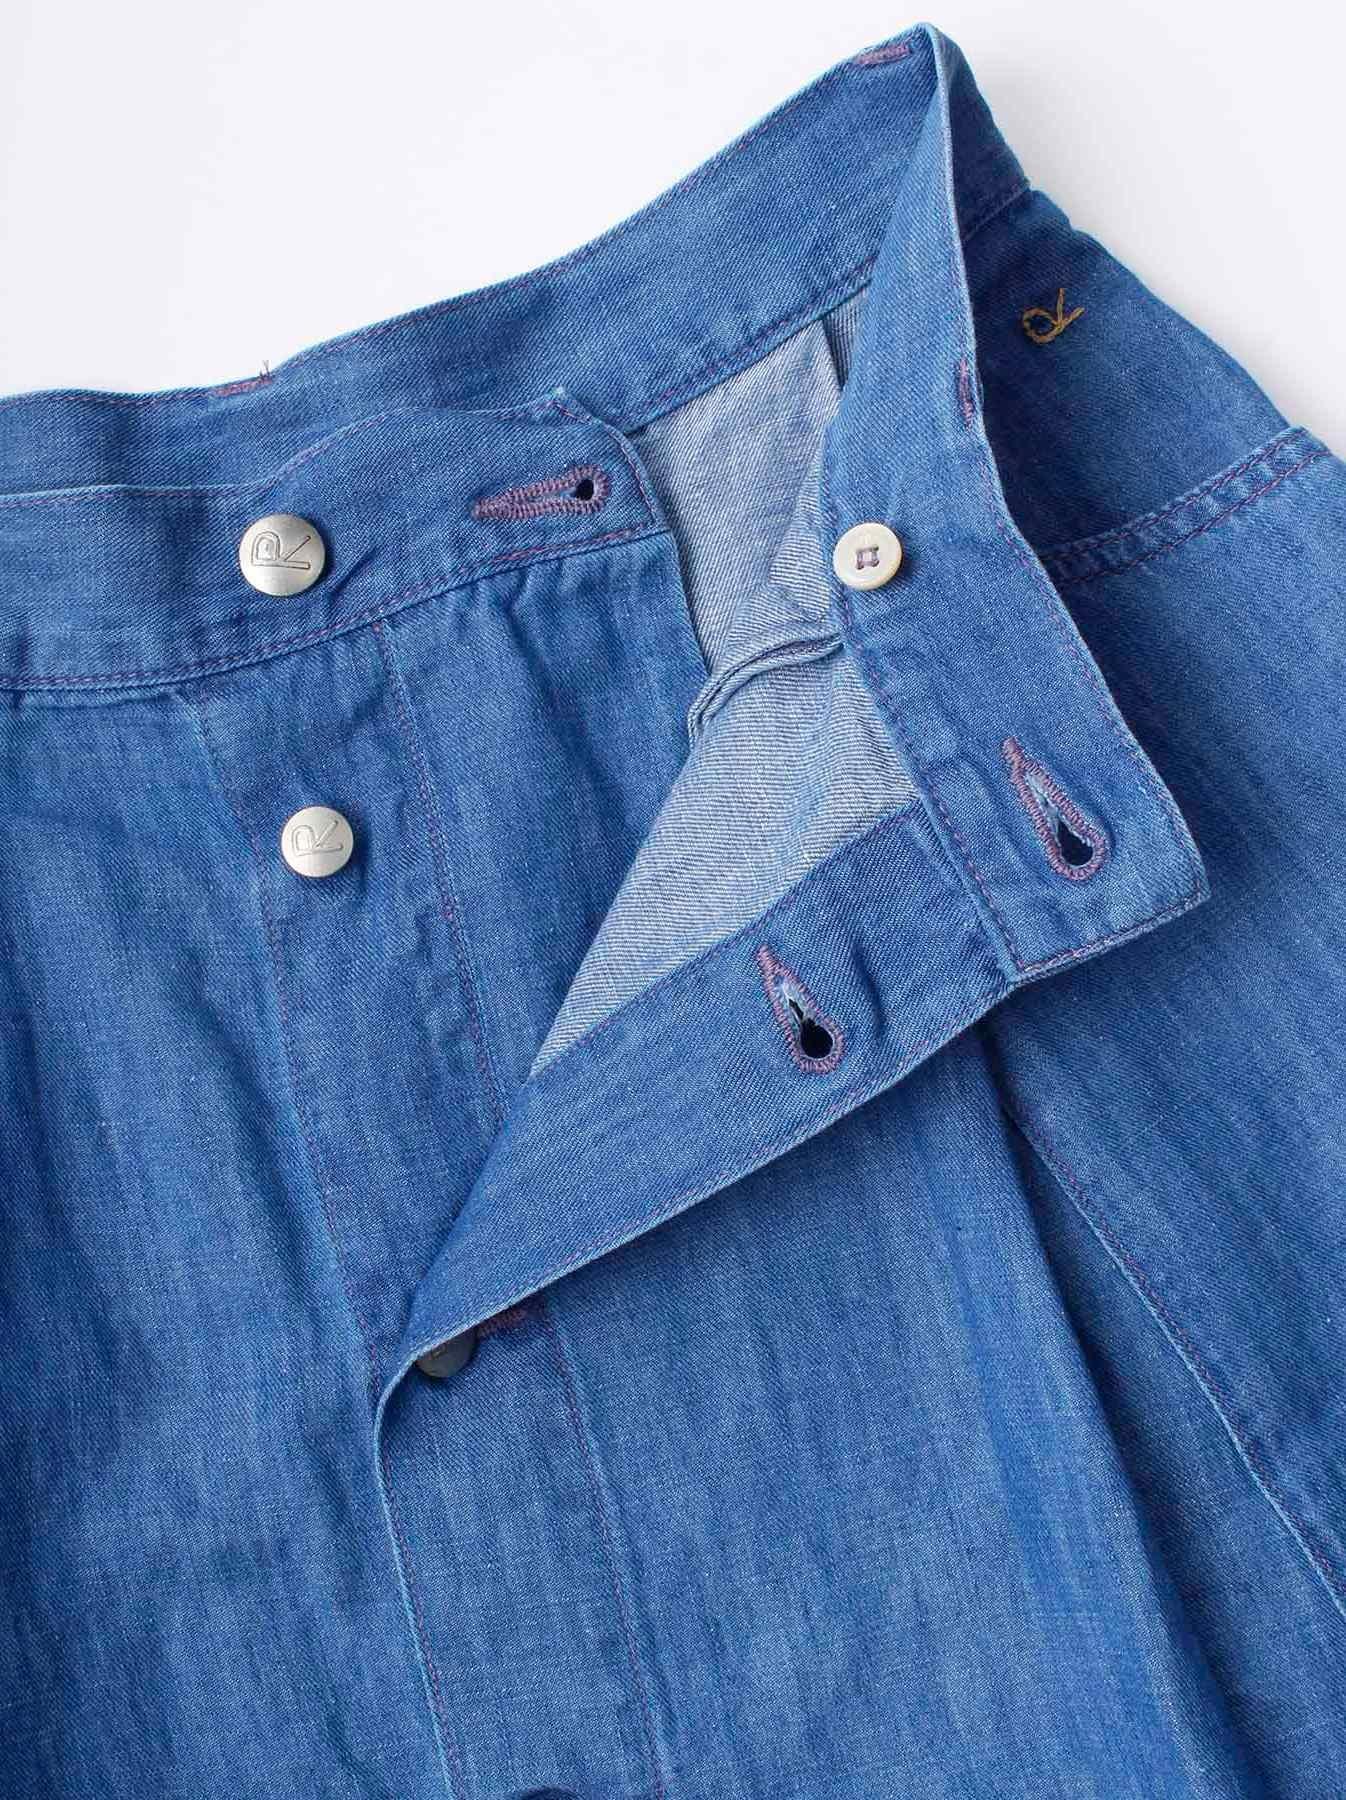 WH Cotton Linen Mon-petit Skirt-8